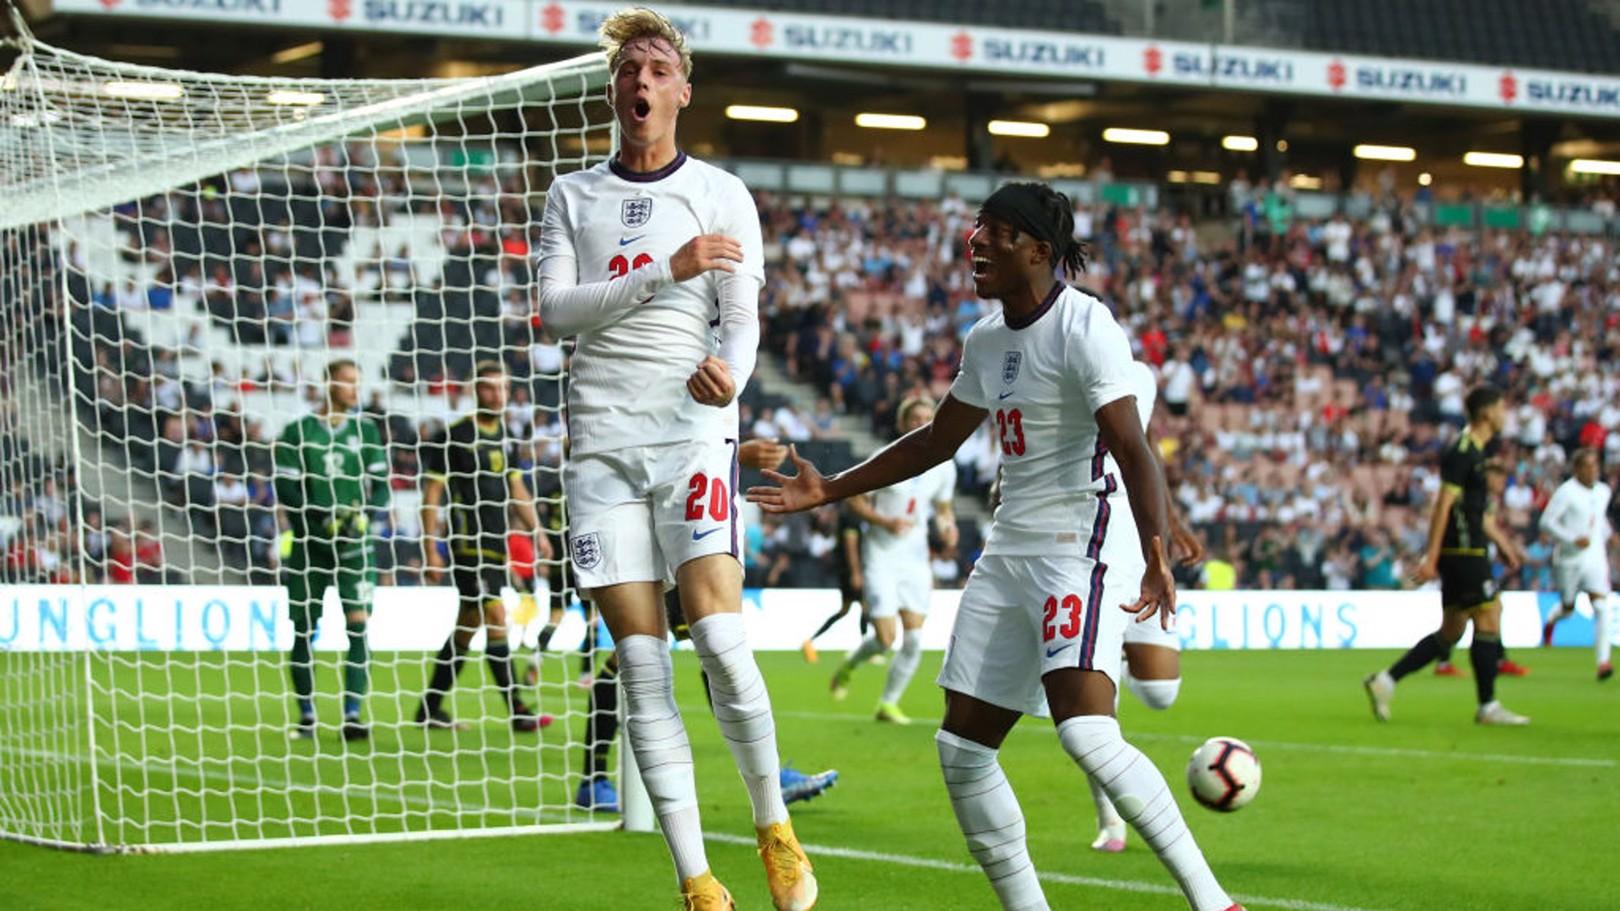 بالمر يسجل في مباراته الأولى مع منتخب إنجلترا تحت 21 عاما